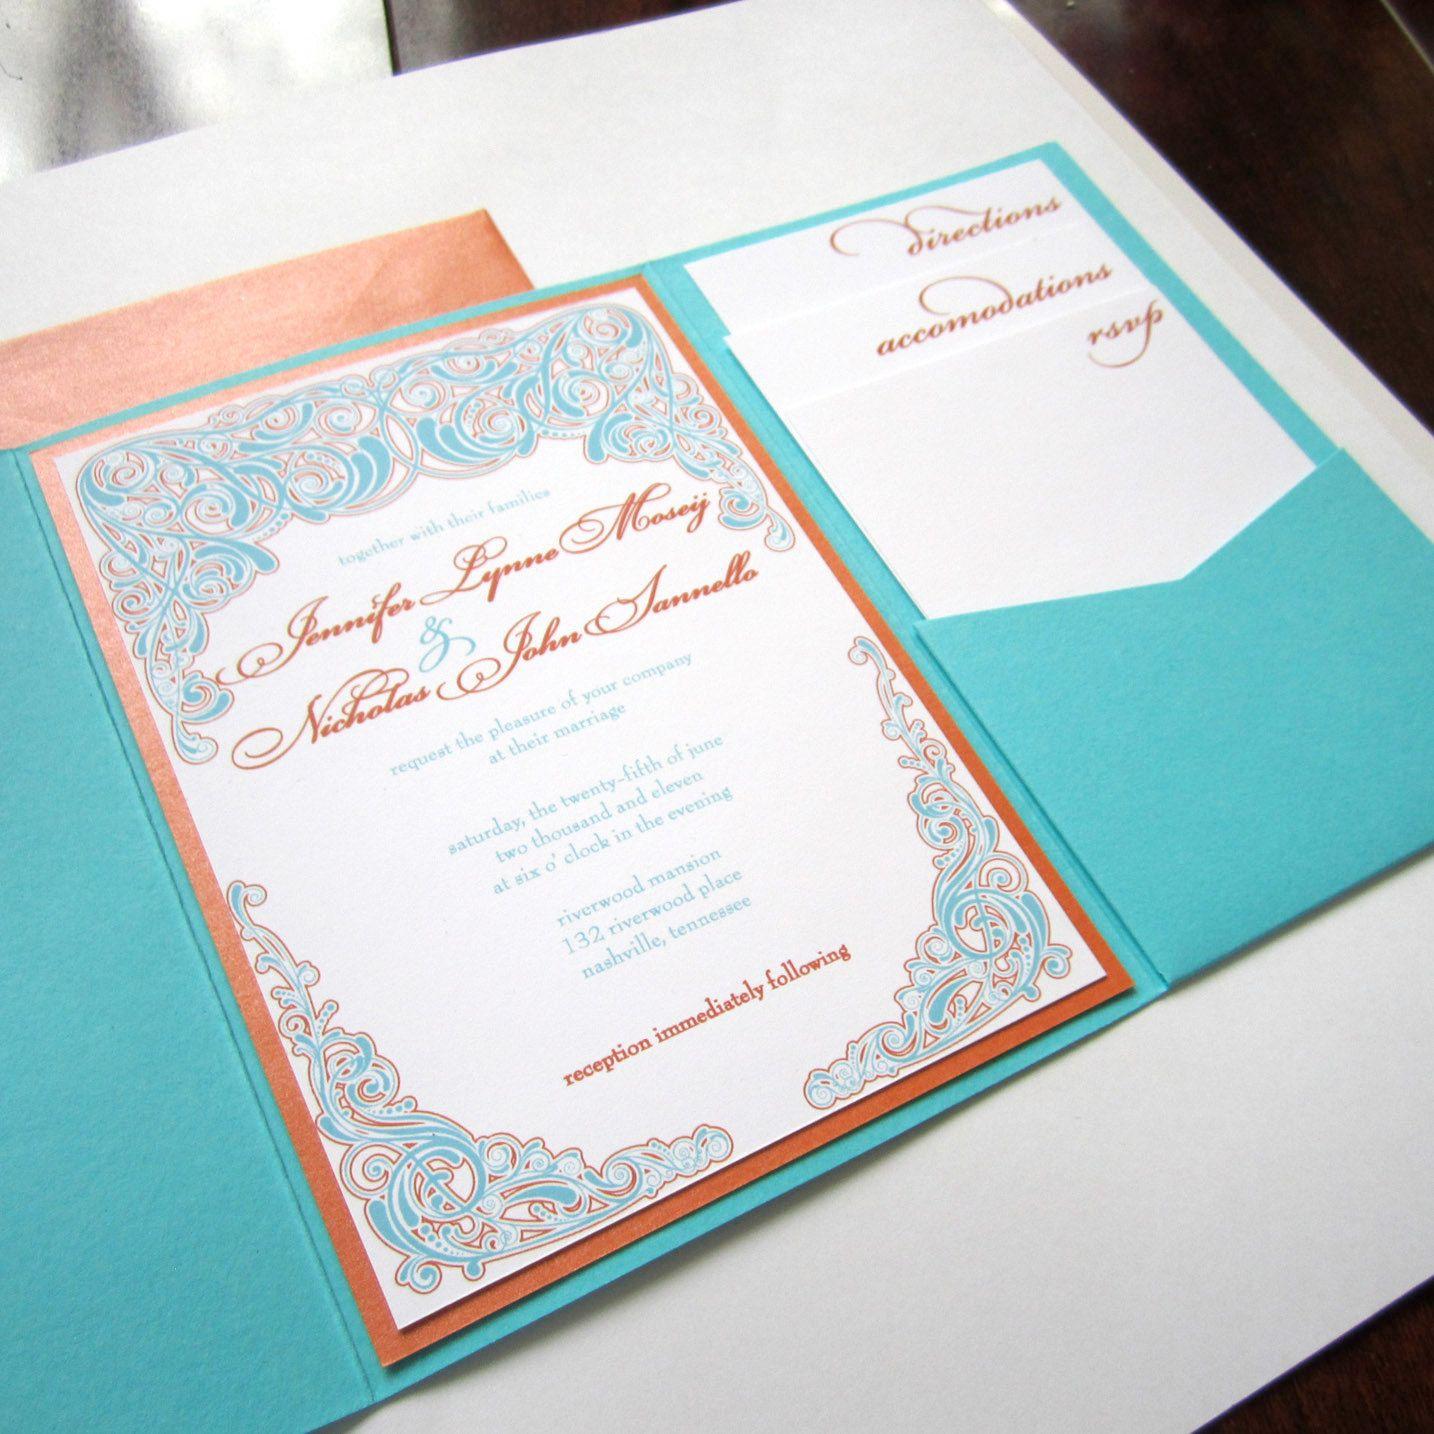 Emerson Ink on etsy - Pocketfold Wedding Invitation Set - always so ...